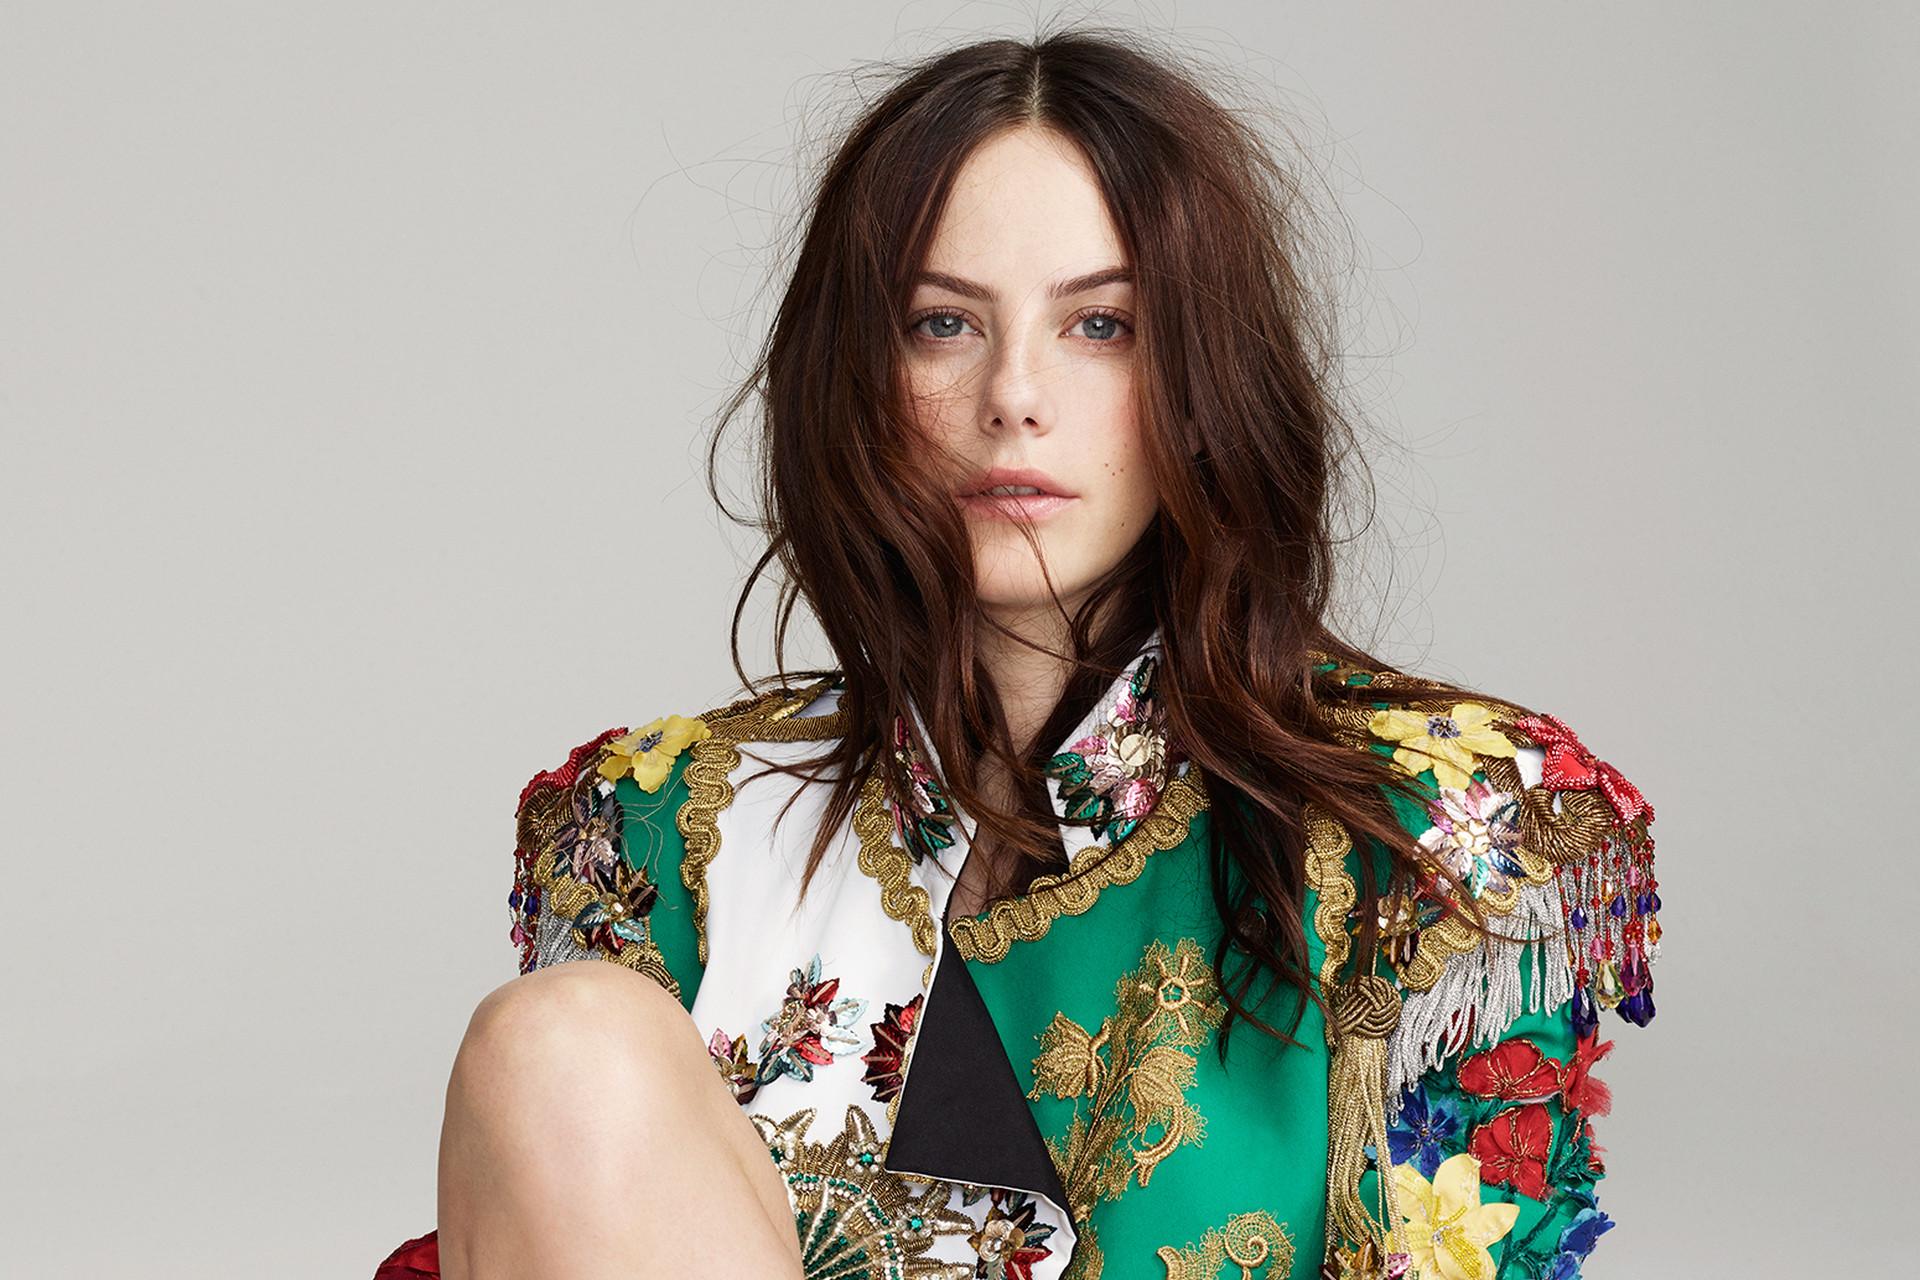 Beautiful actress, red head, Kaya Scodelario